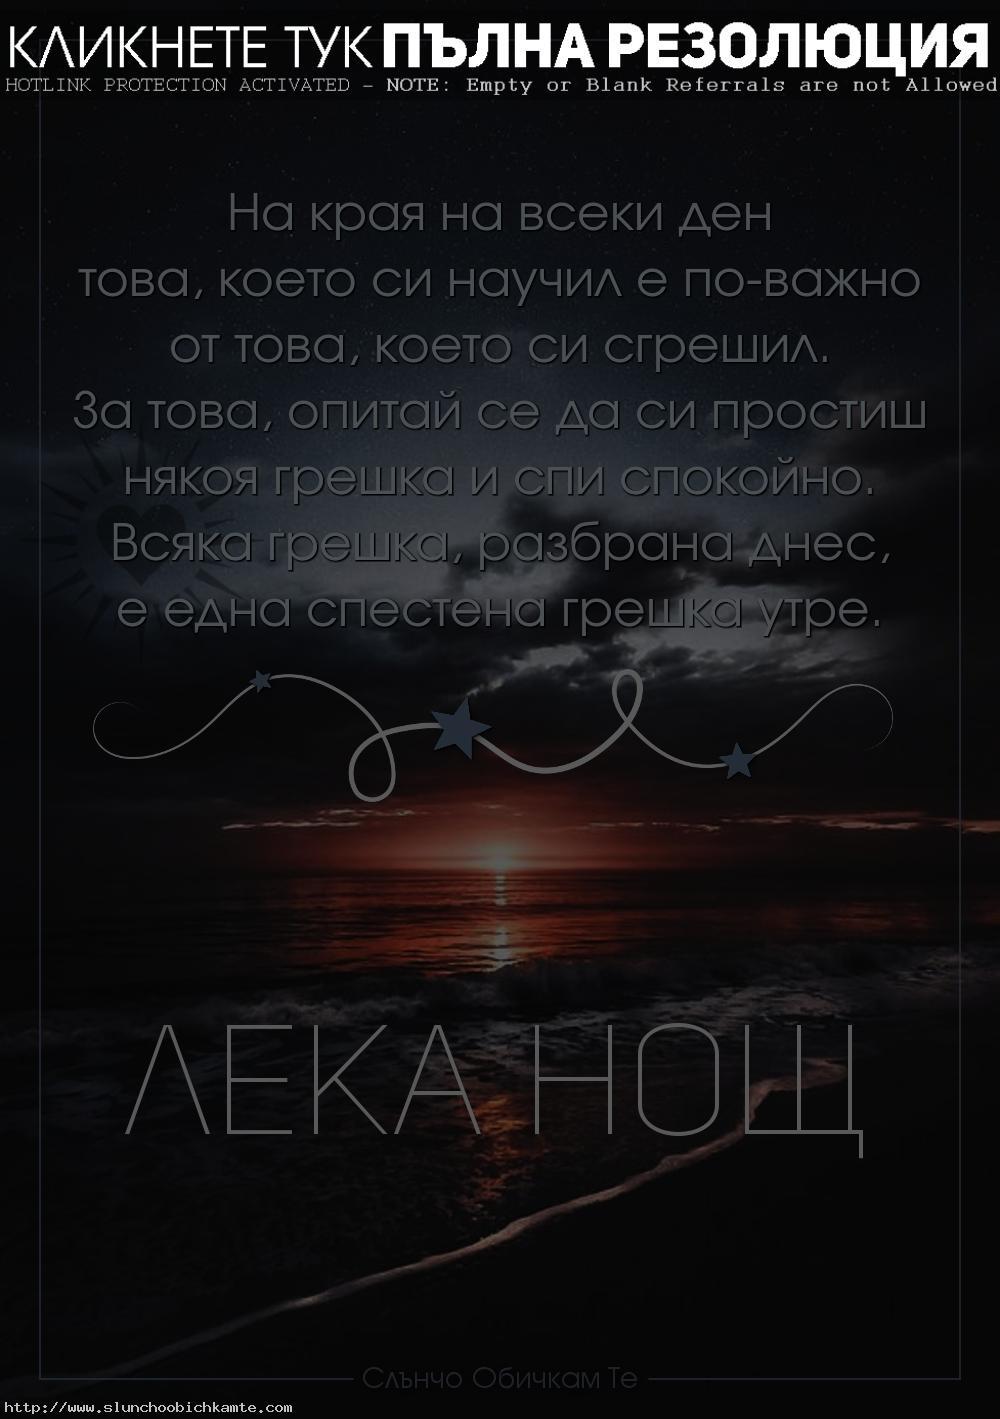 Лека нощ, На края на всеки ден, простена грешка, прощавам си, спокойни сънища, сладки сънища, лека нощ приятели